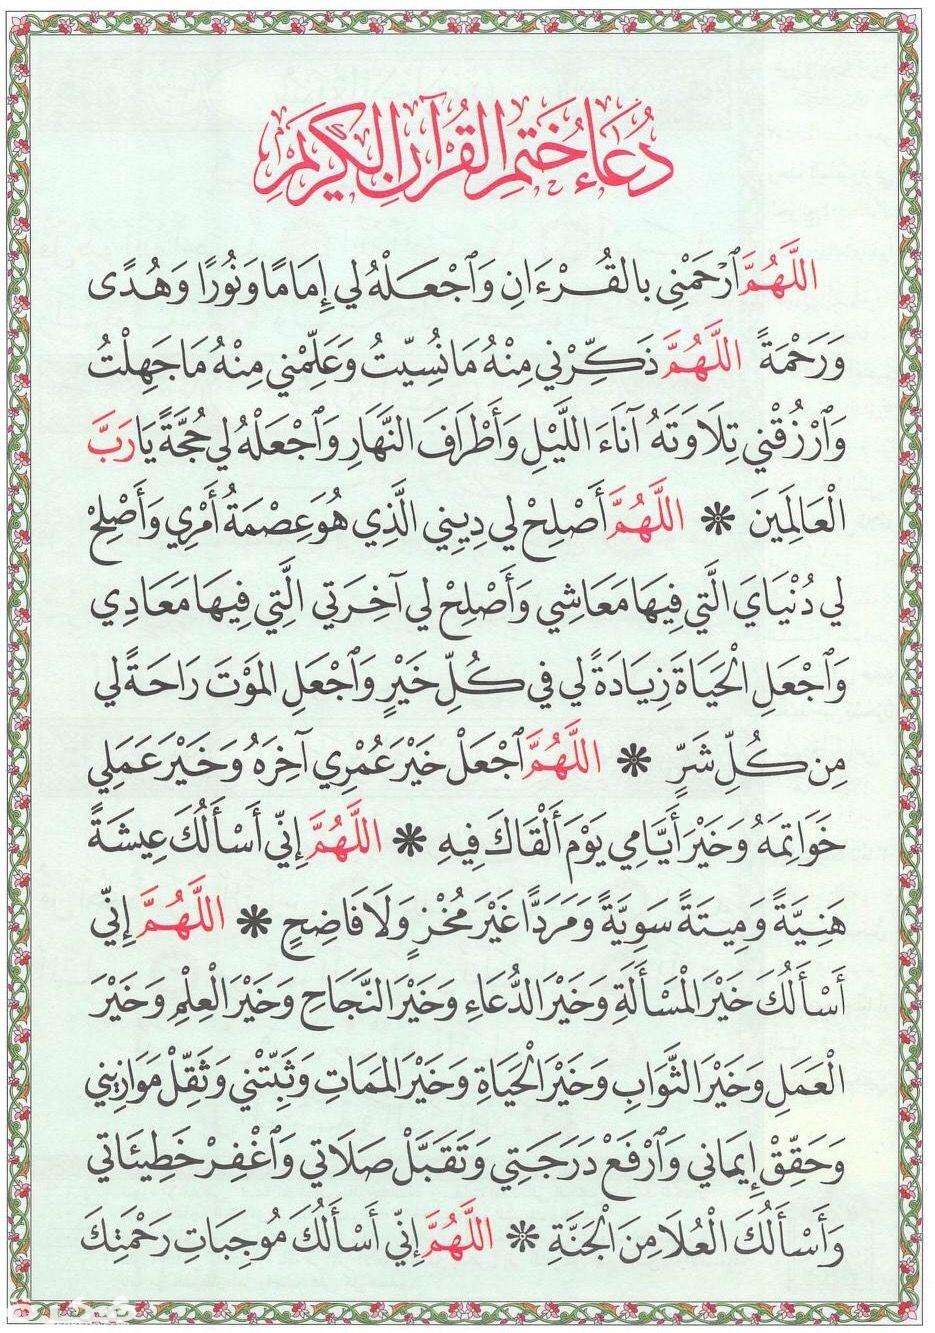 دعاء ختم القرآن الكريم مكتوب موقع فكرة